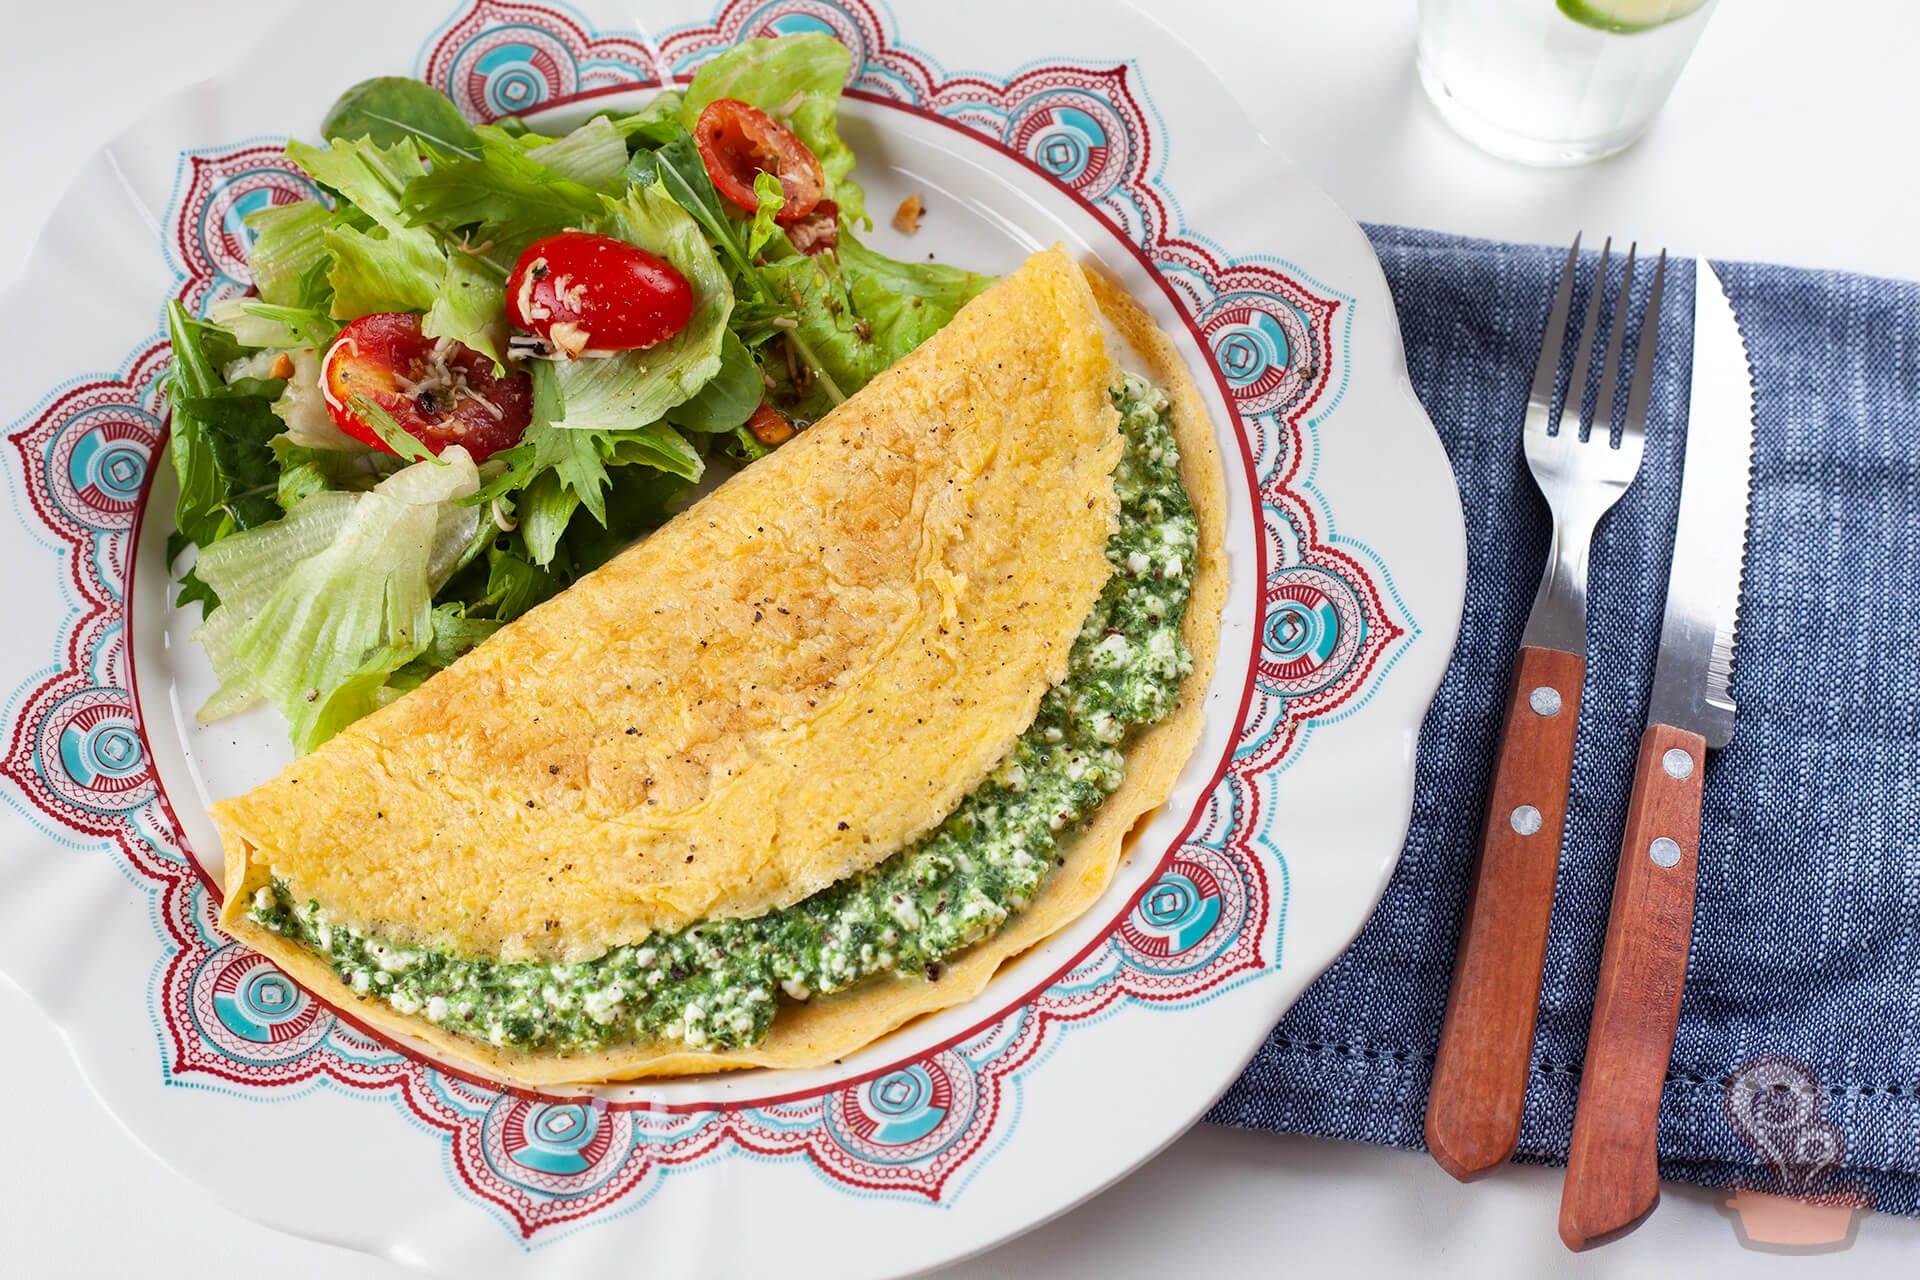 faça crepioca com dois ingredientes